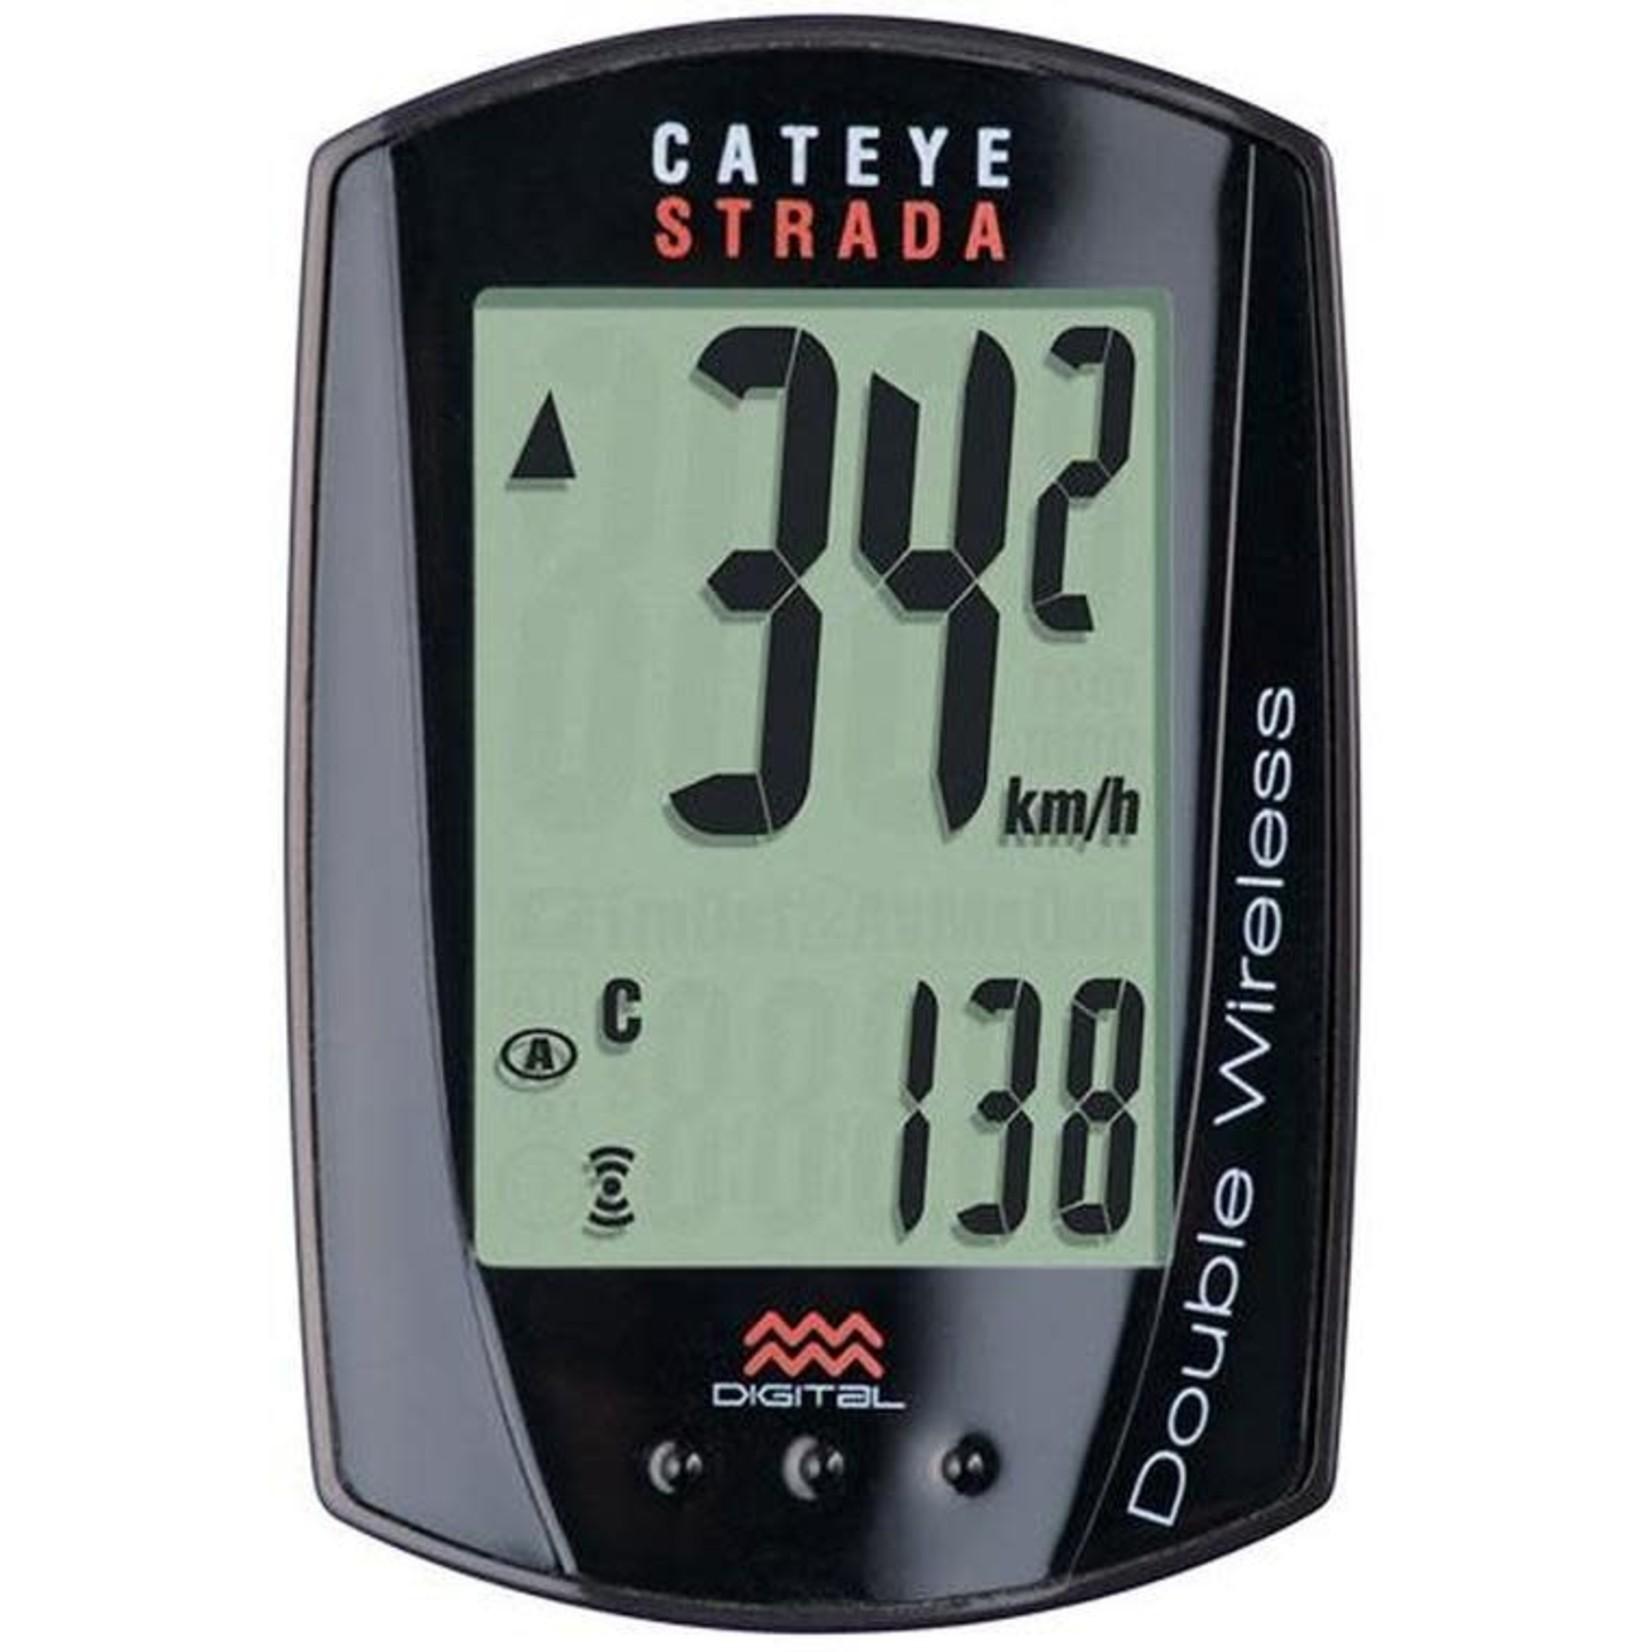 CatEye CATEYE STRADA DIGITAL WIRELESS COMPUTER - BLACK RD410DW